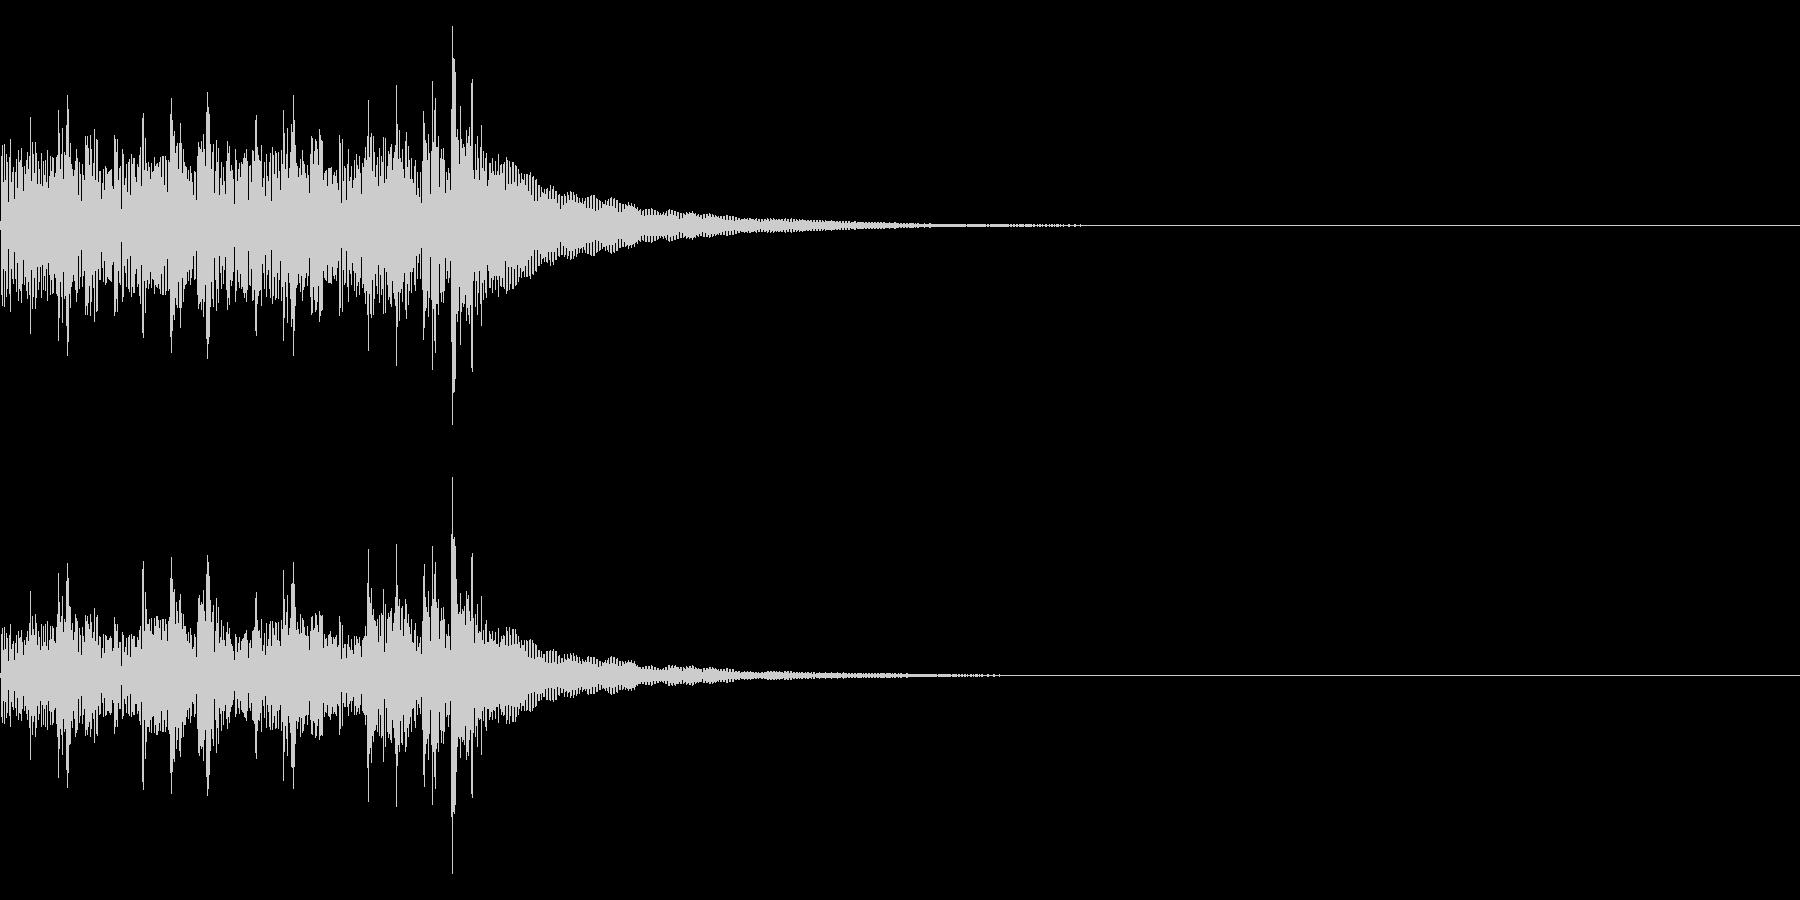 コンガ ボンゴ リフ5 キューバ 高速の未再生の波形